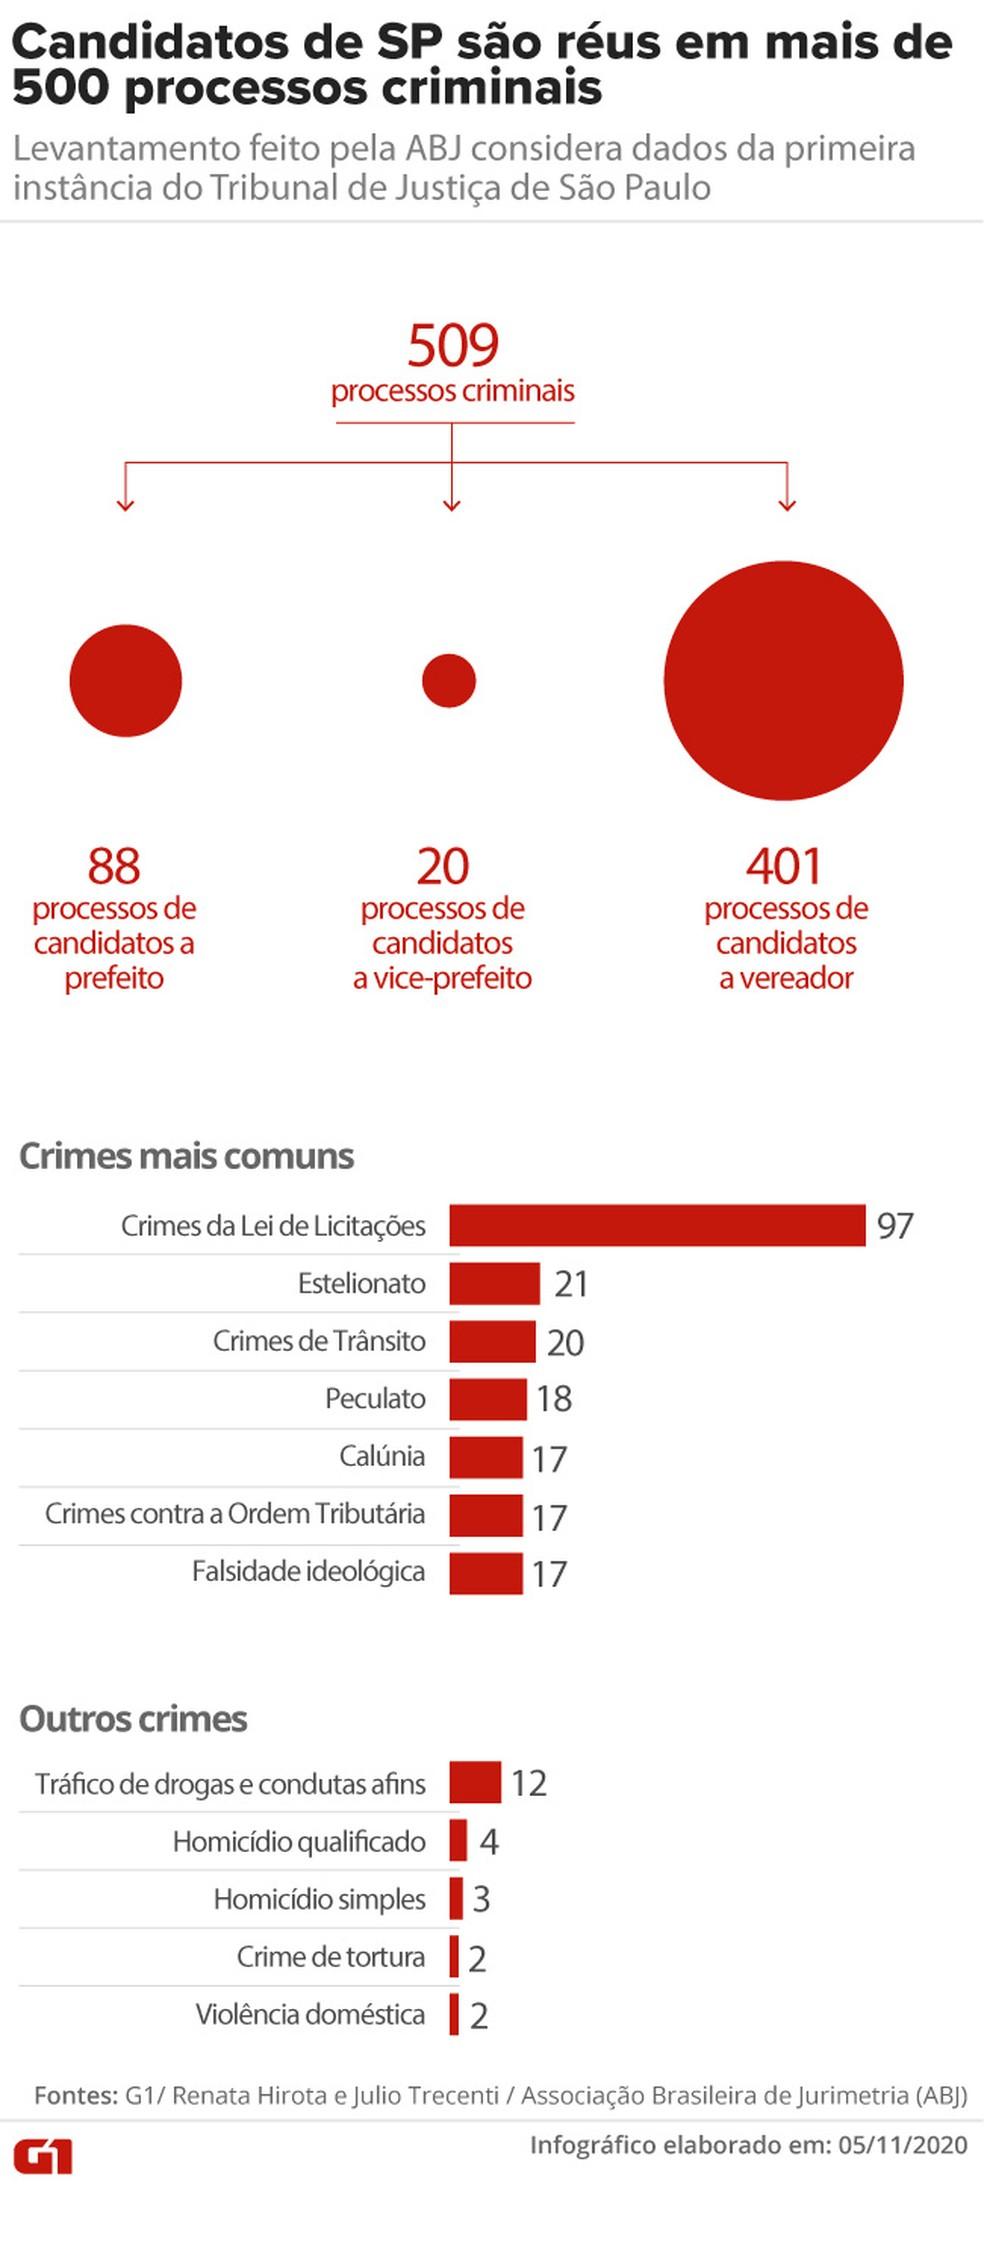 Candidatos de SP são réus em mais de 500 processos criminais: levantamento feito pela ABJ considera dados da primeira instância do Tribunal de Justiça de São Paulo — Foto: Aparecido Gonçalves / G1